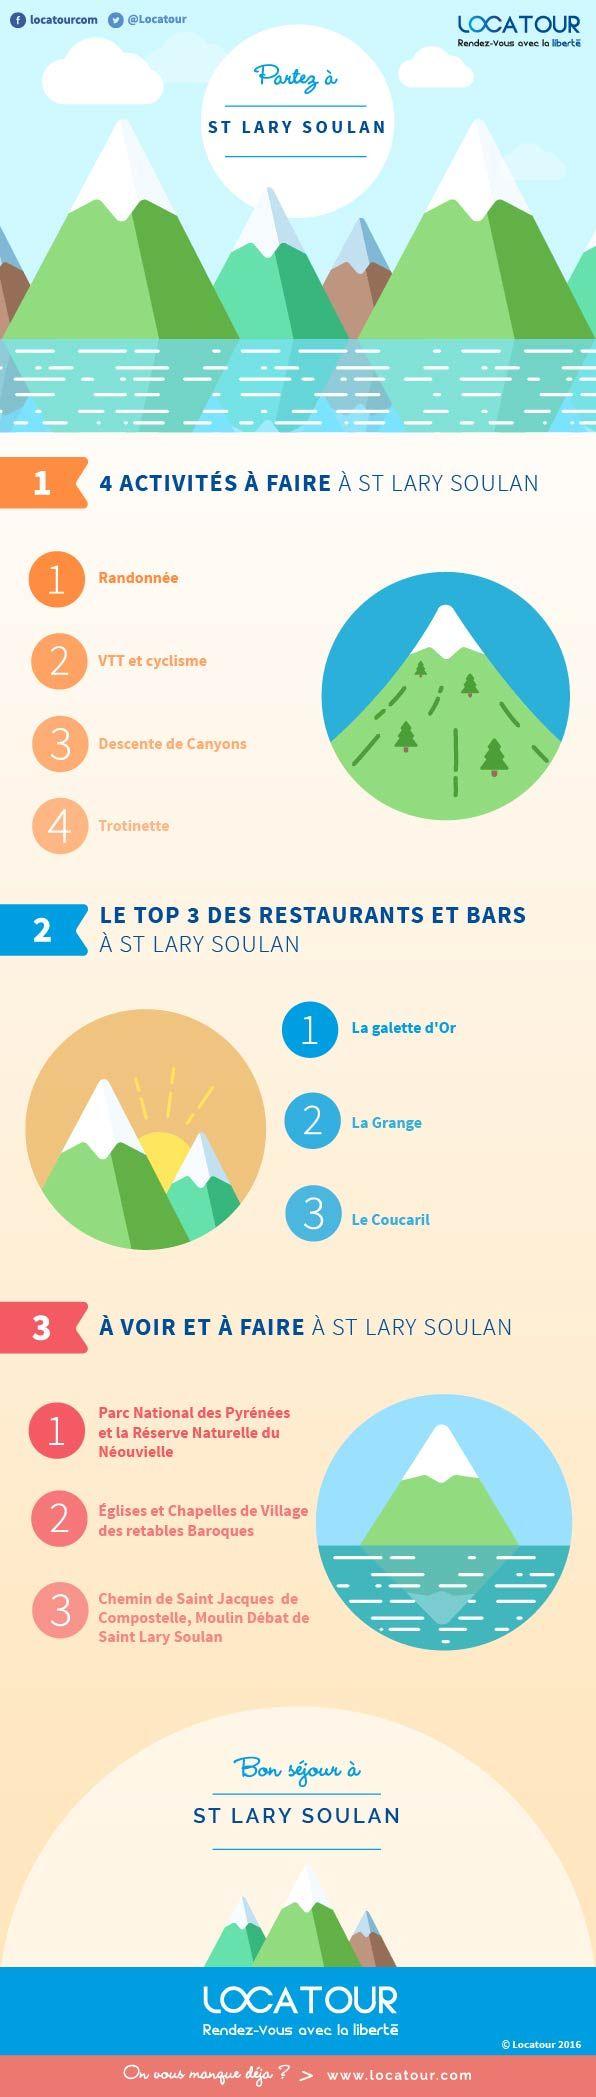 #Infographie- Montagne été : Découvrez Saint Saint Lary Soulan  - Locatour - Et venez tester les meilleurs#activités, les meilleurs#Restaurantet les plus beaux lieux de la région !#montagne#randonnée